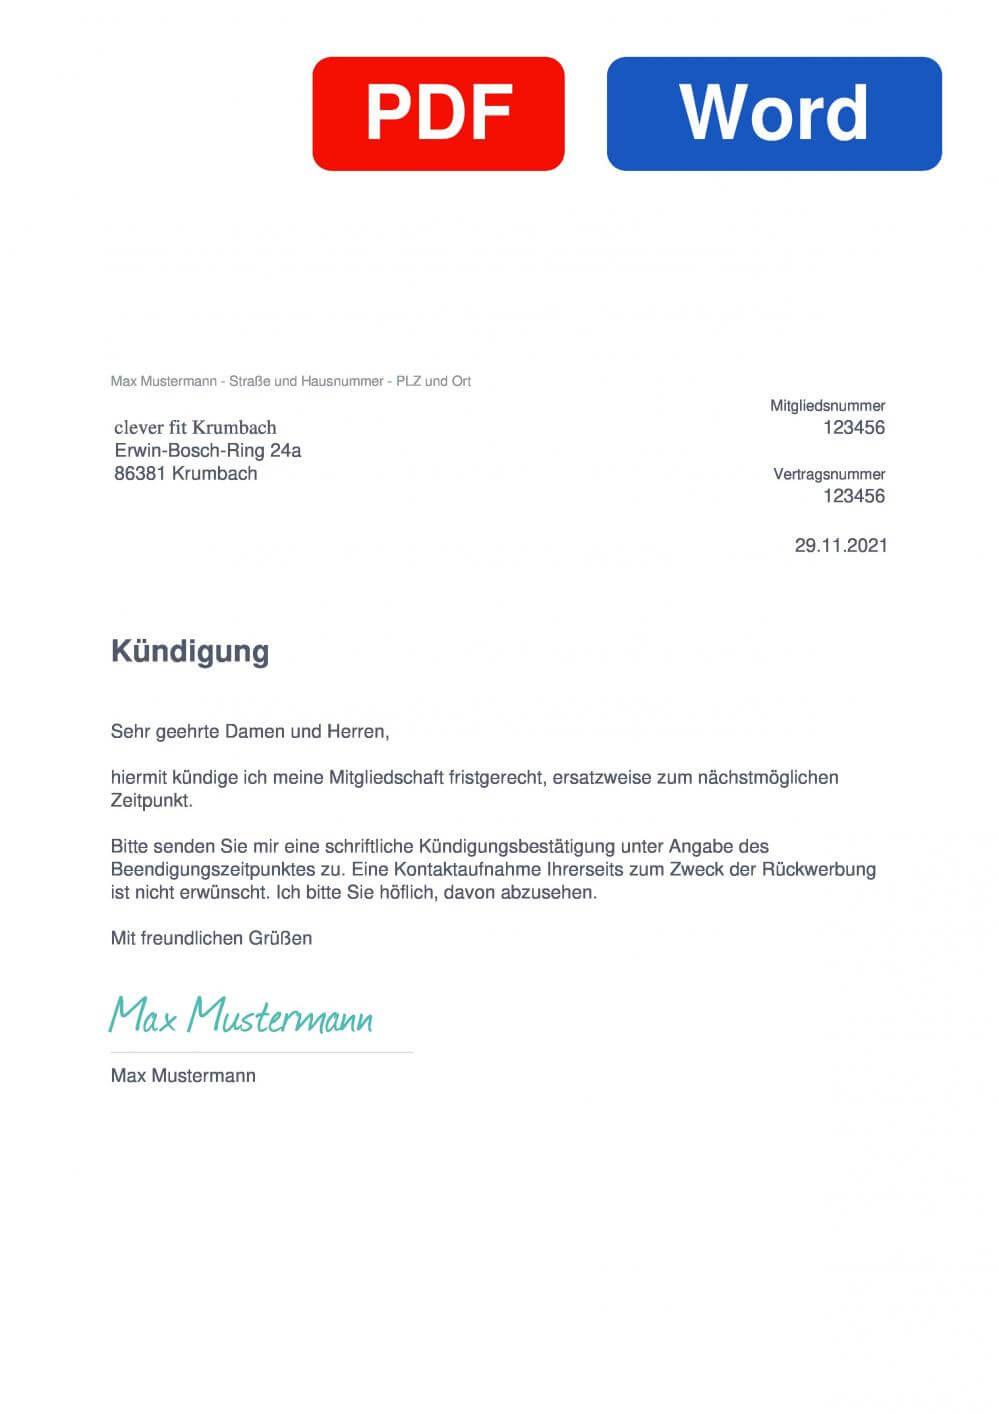 Clever Fit  Krumbach Muster Vorlage für Kündigungsschreiben